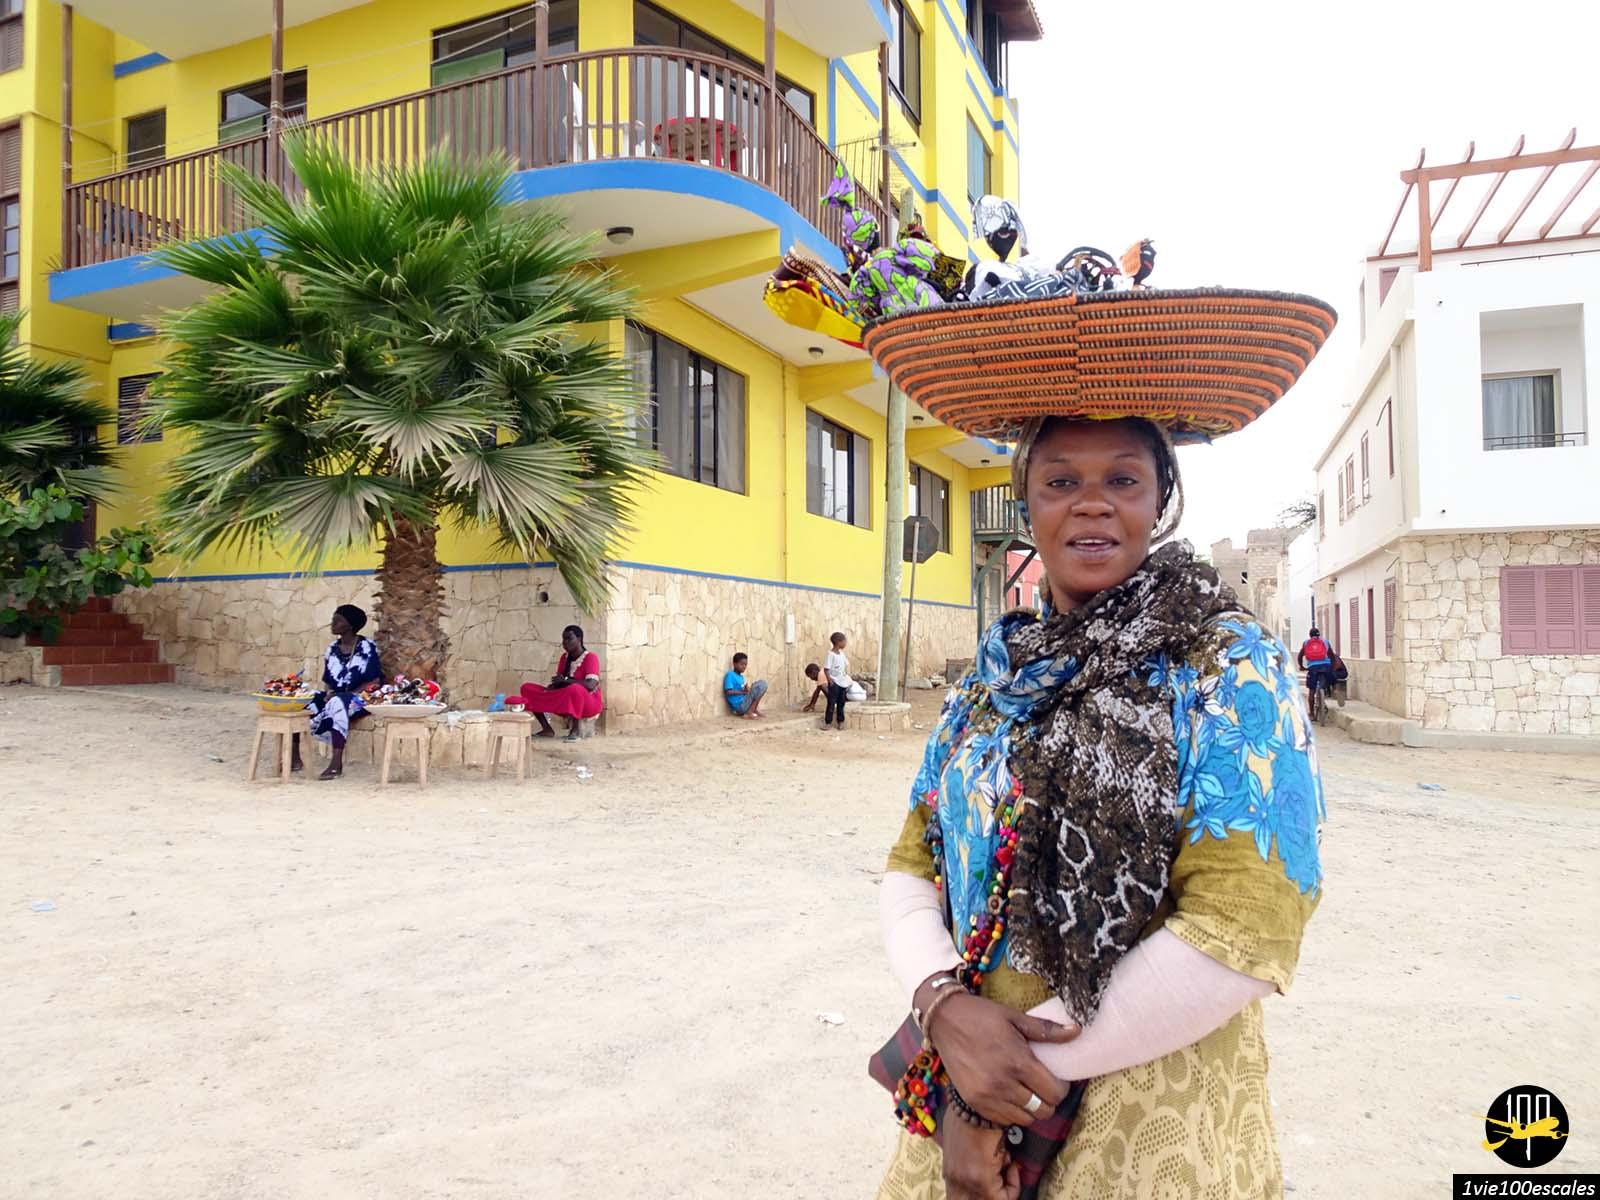 Une vendeuse ambulante de poupées à Sal Rei sur l'île de Boa Vista